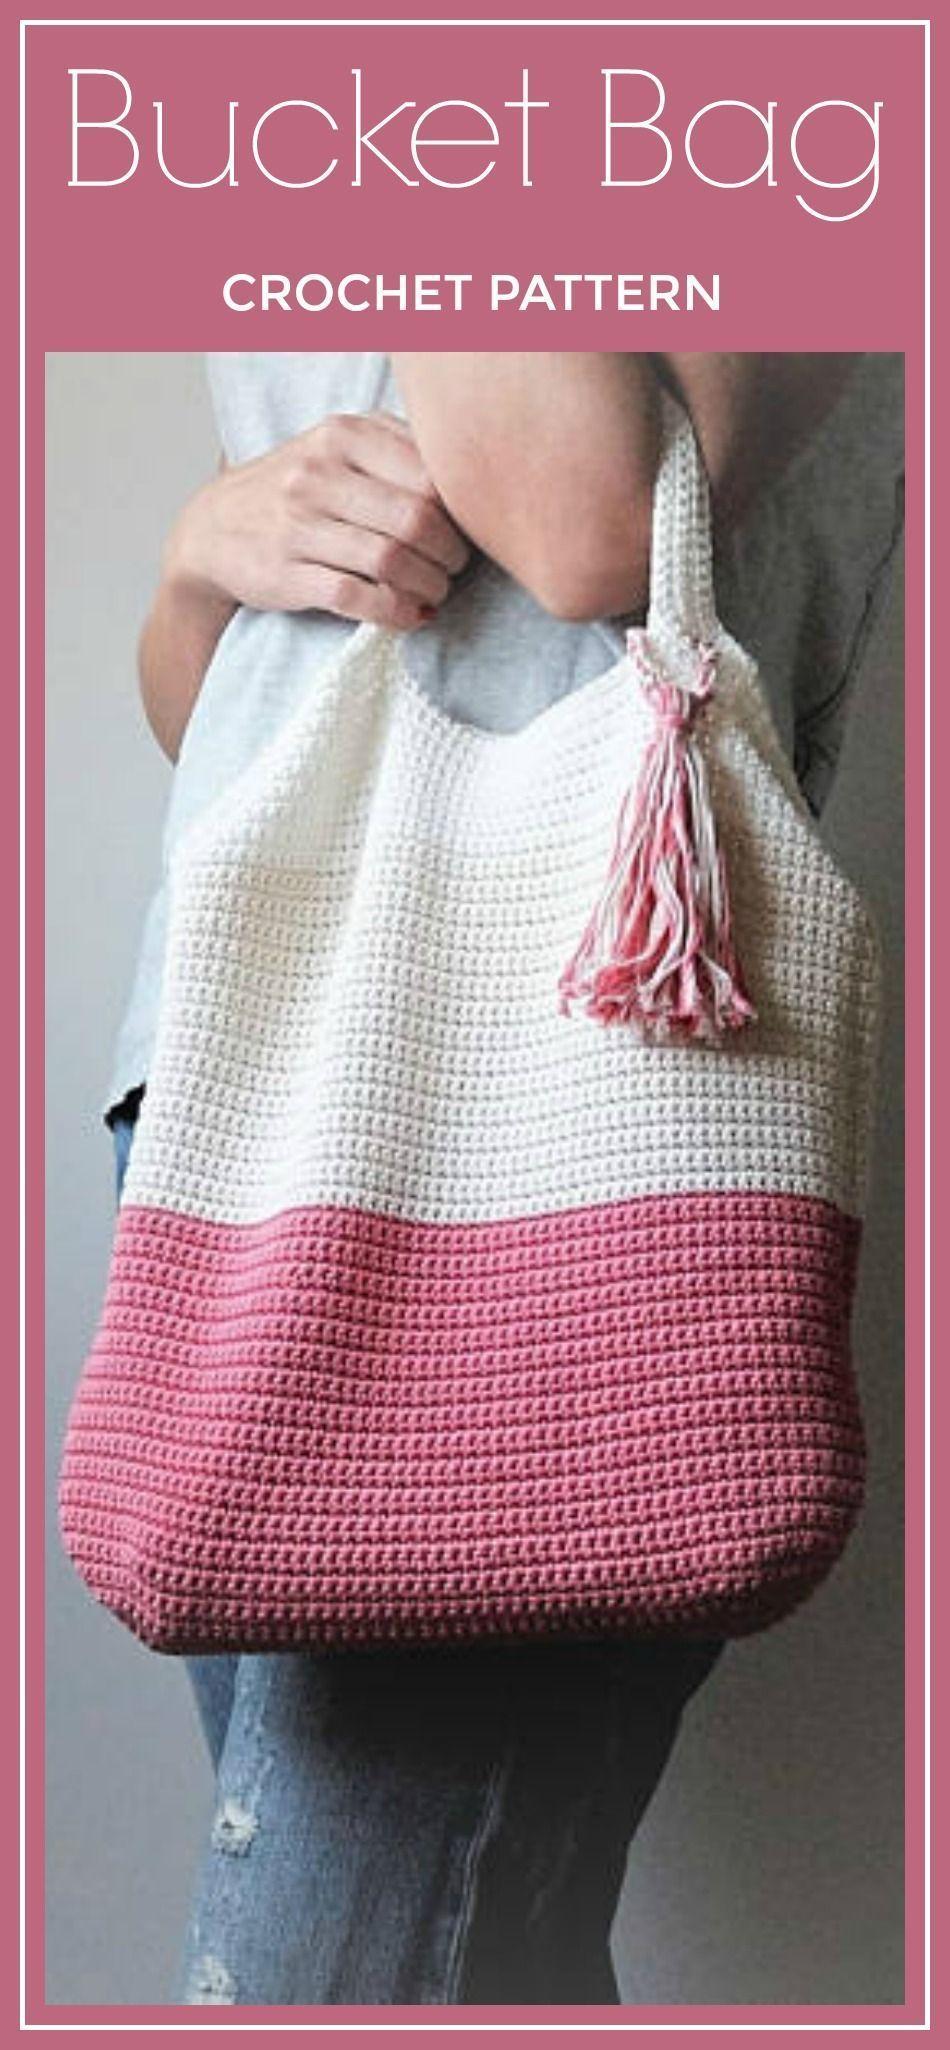 CROCHET PATTERN Crochet Tote Bag PATTERN, Bucket Bag, Boho Crochet ...